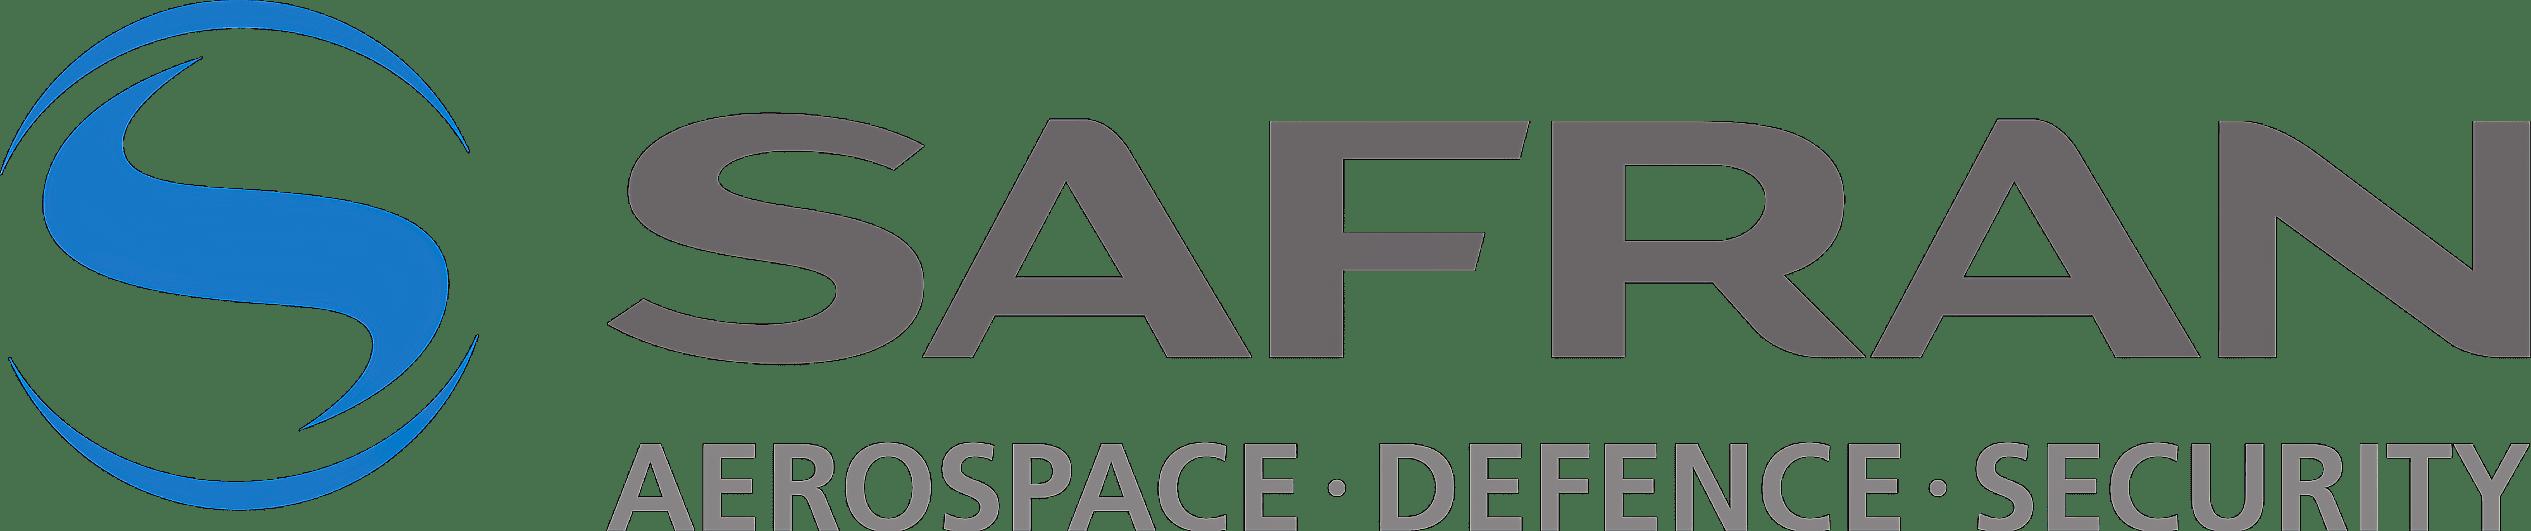 ASI-Group Safran